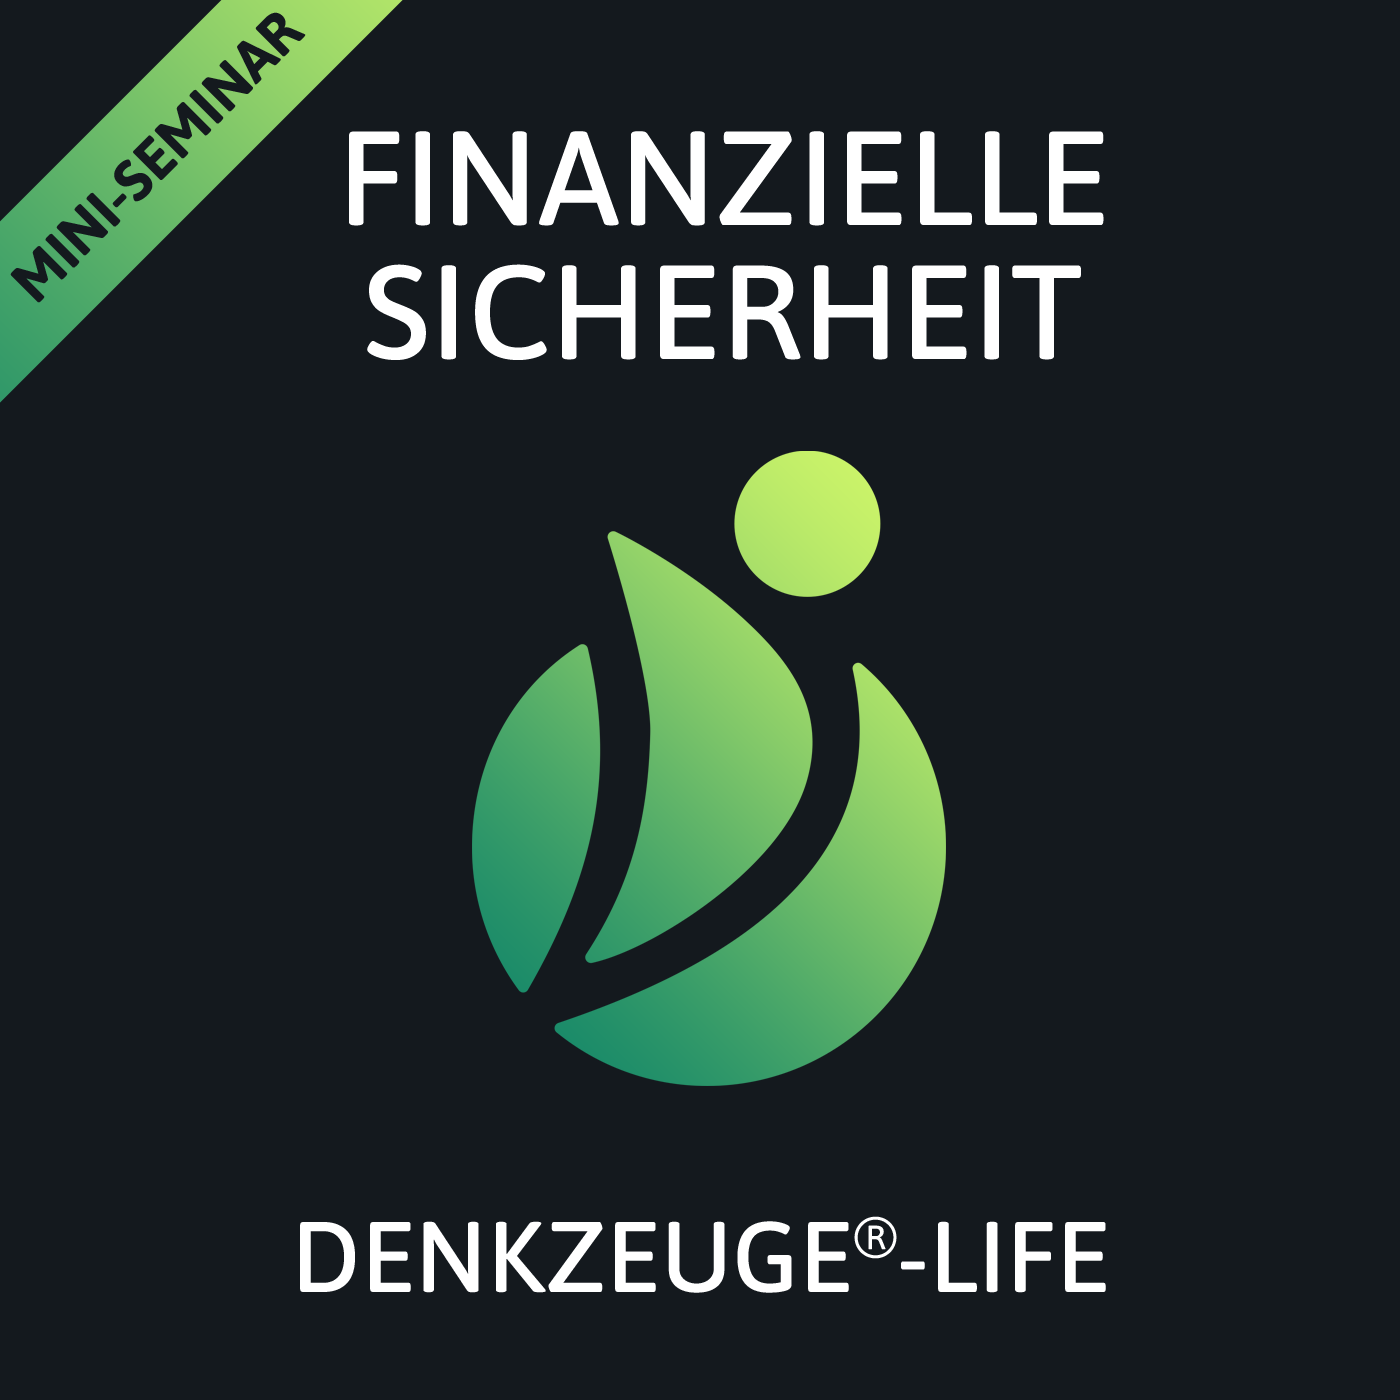 #8: Finanzielle Sicherheit